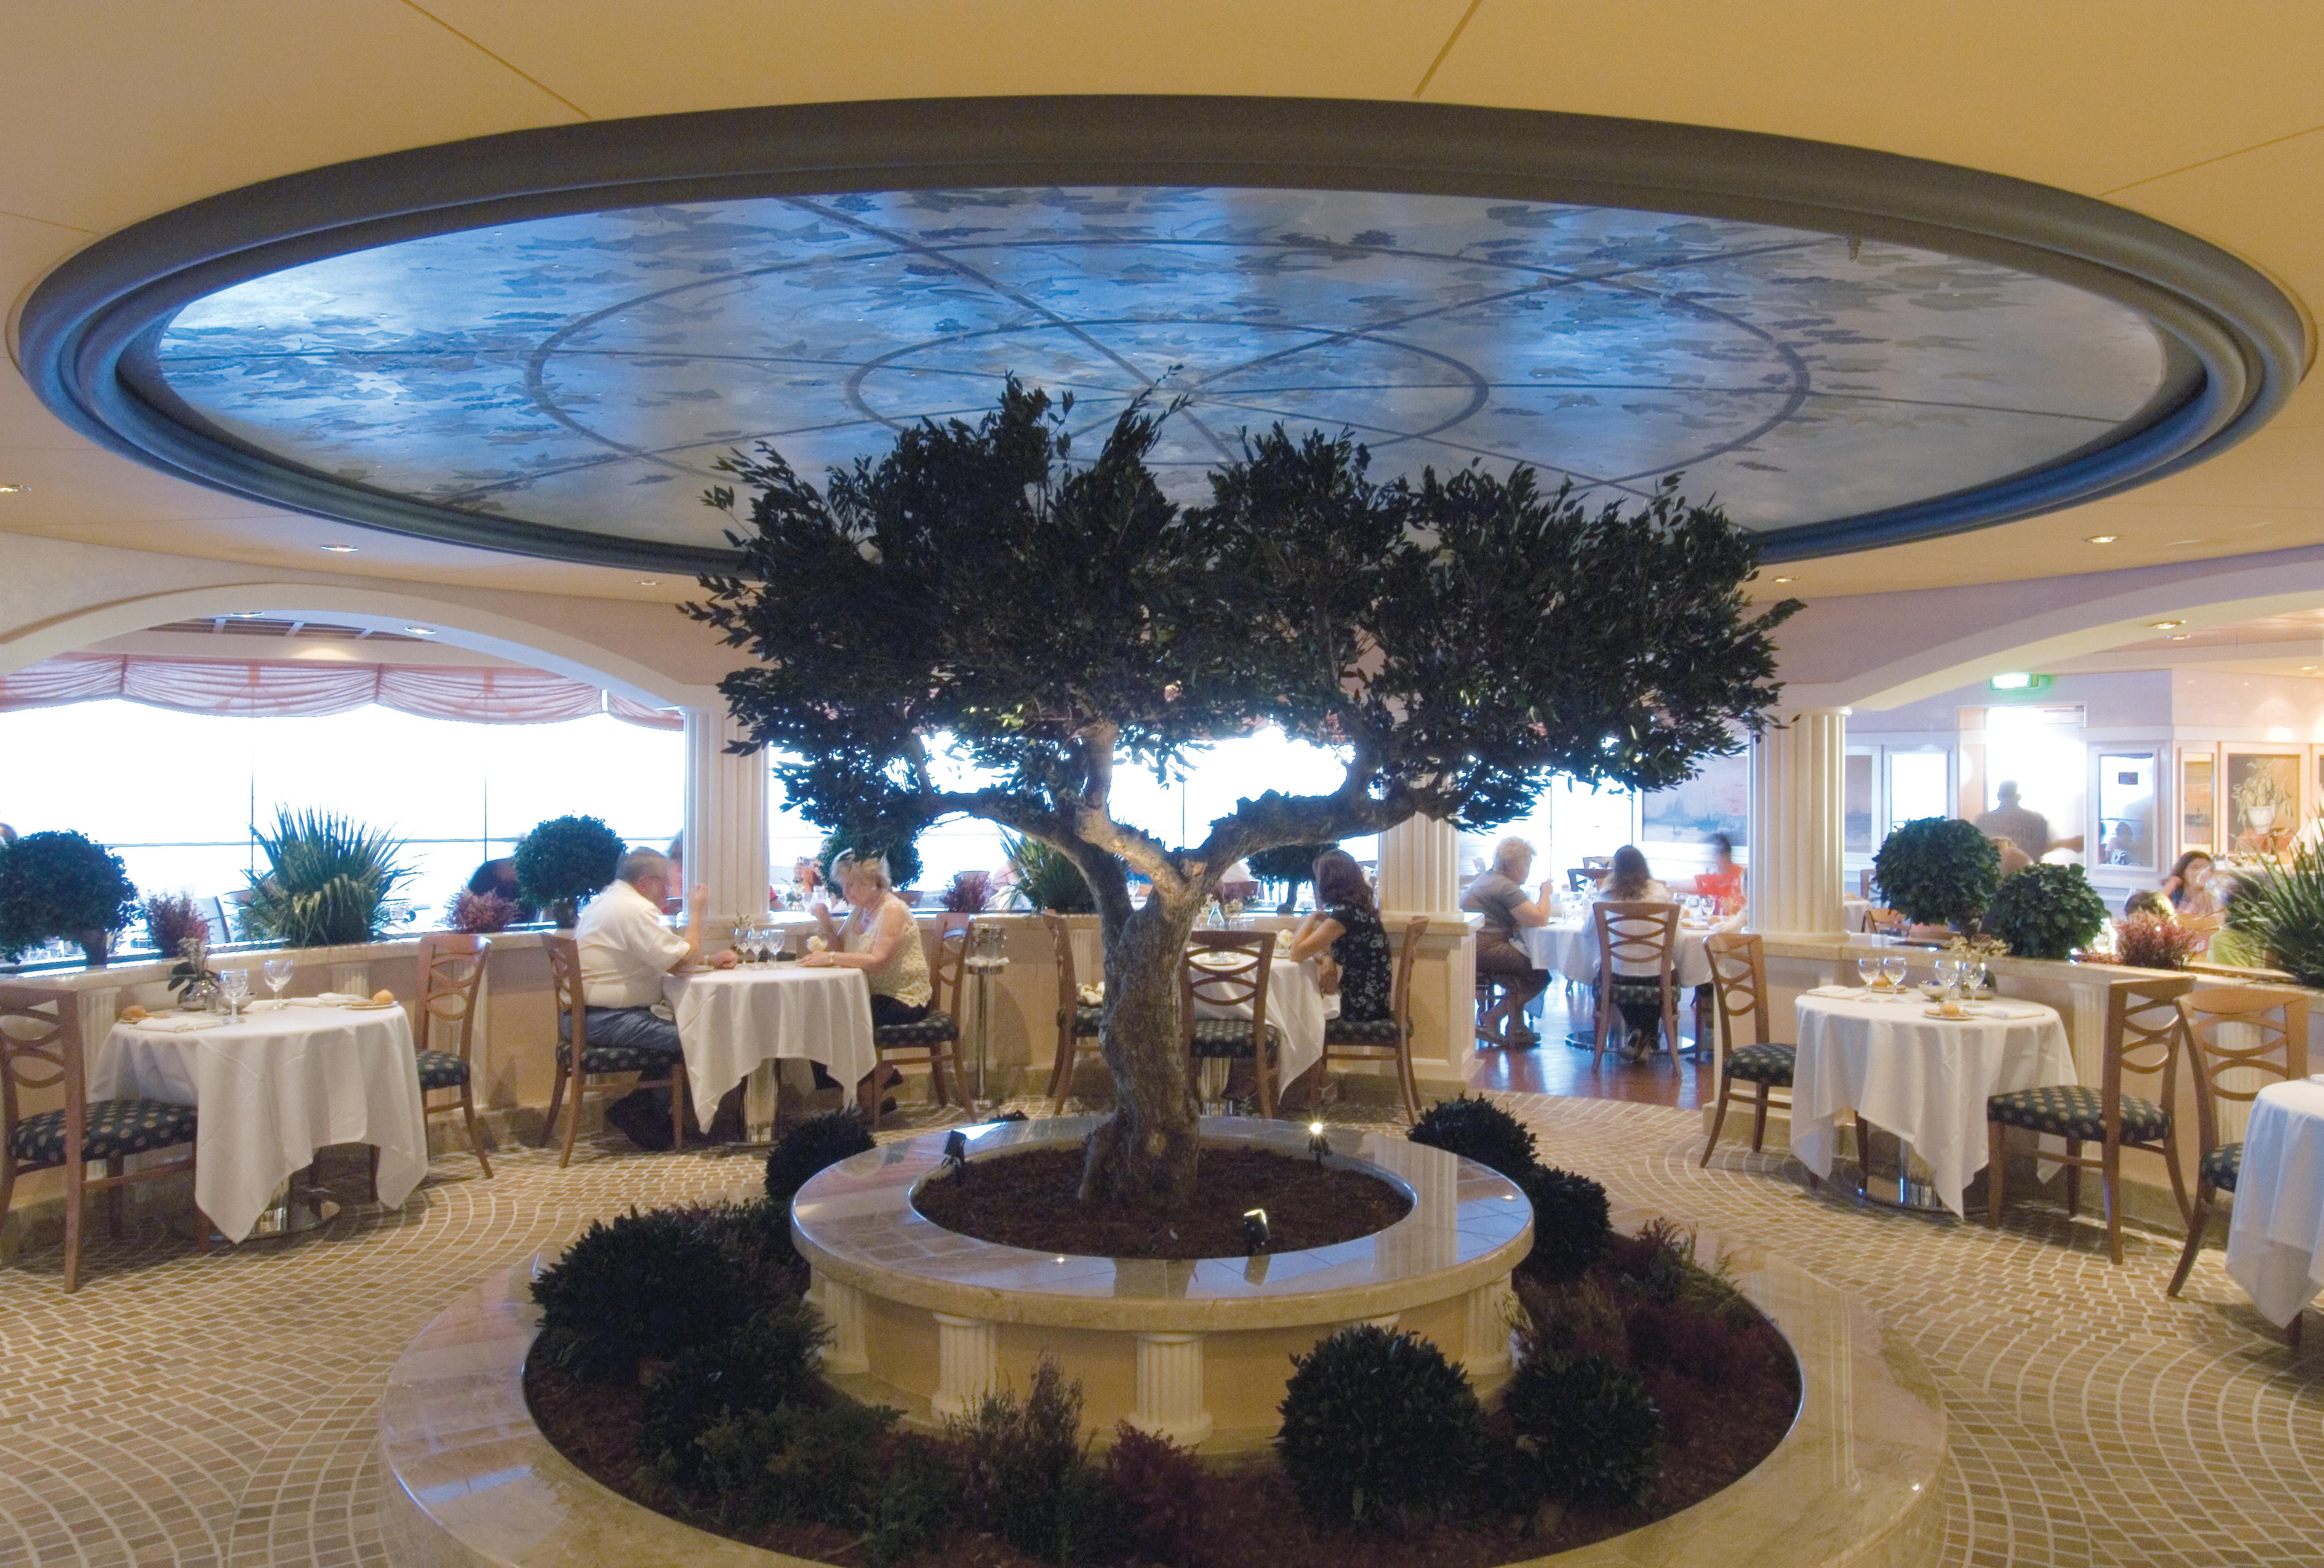 MSC Musica Class main restaurant 4.jpg